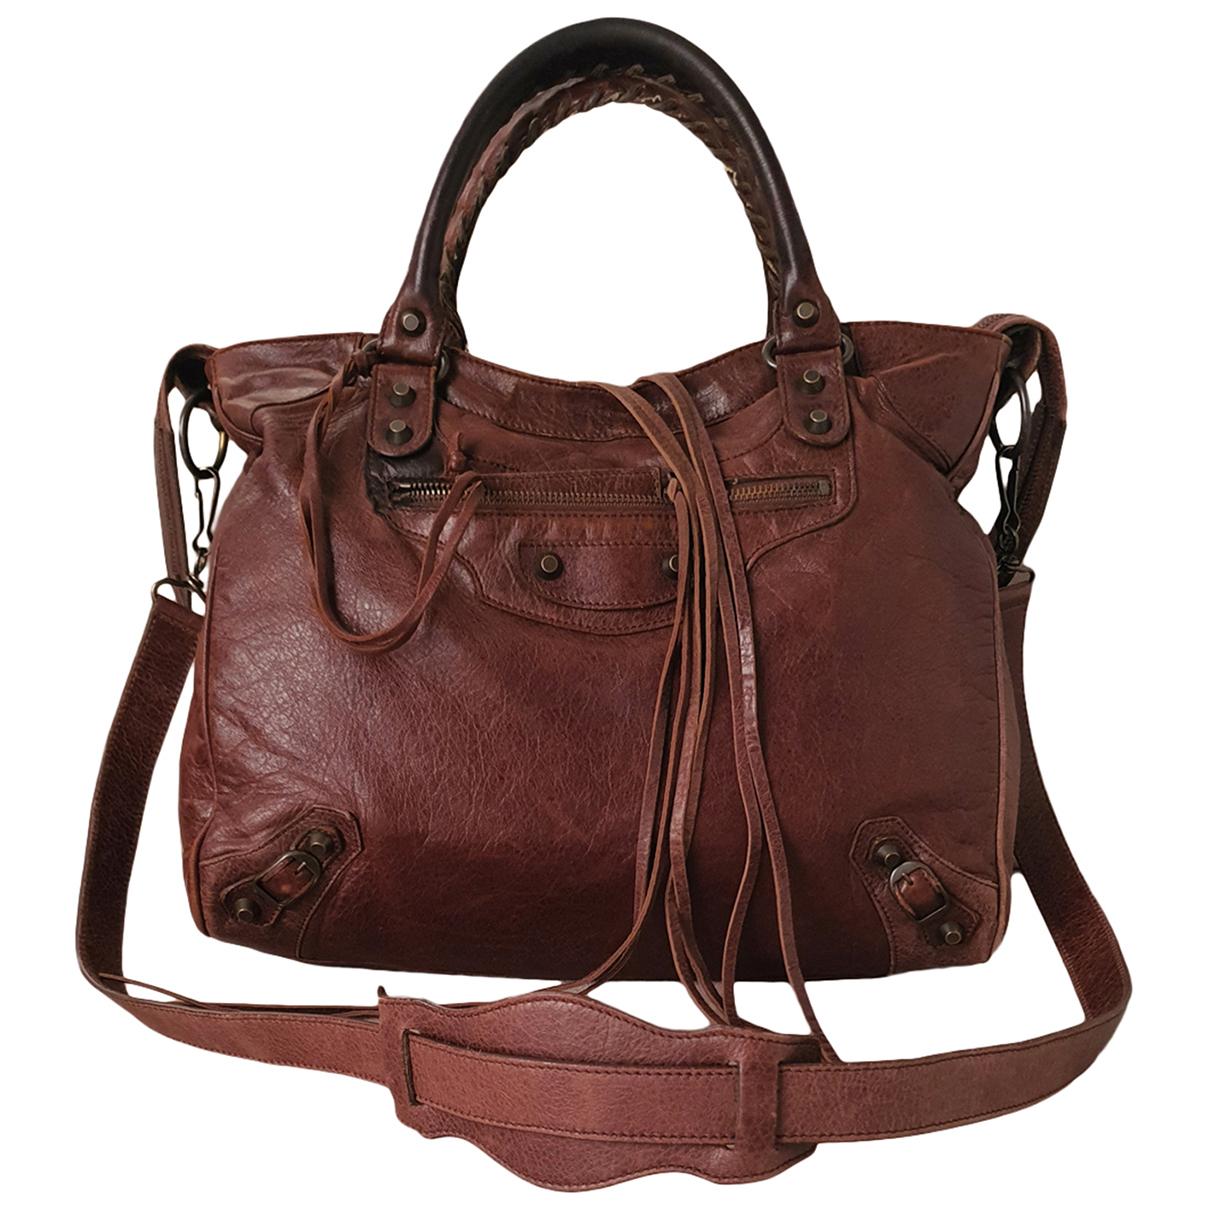 Balenciaga - Sac a main Velo pour femme en cuir - marron